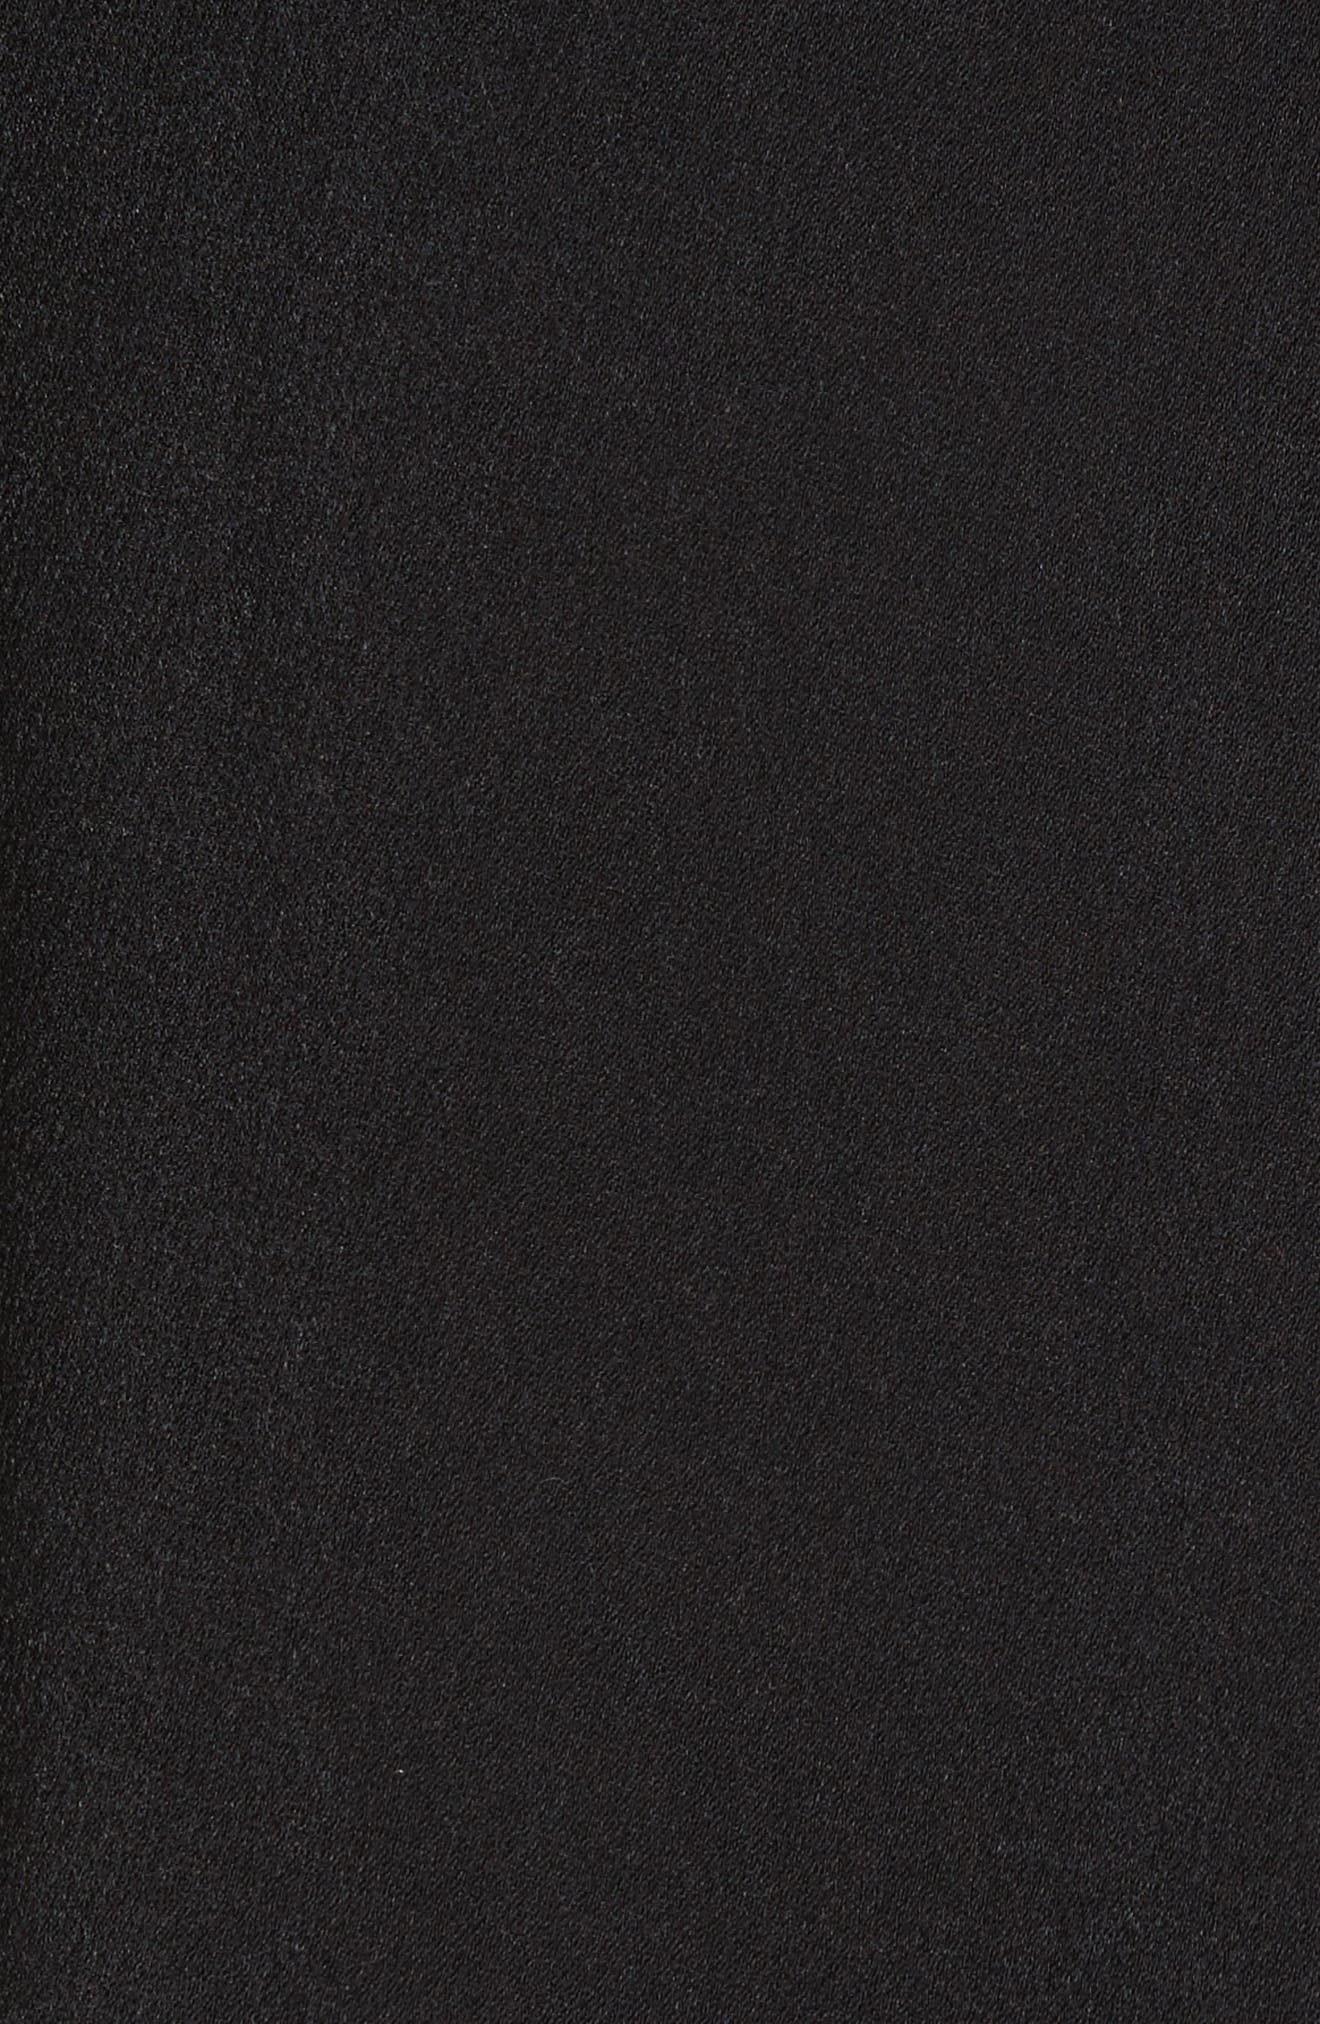 Open Back Cold Shoulder Dress,                             Alternate thumbnail 6, color,                             Crepe Satin Black